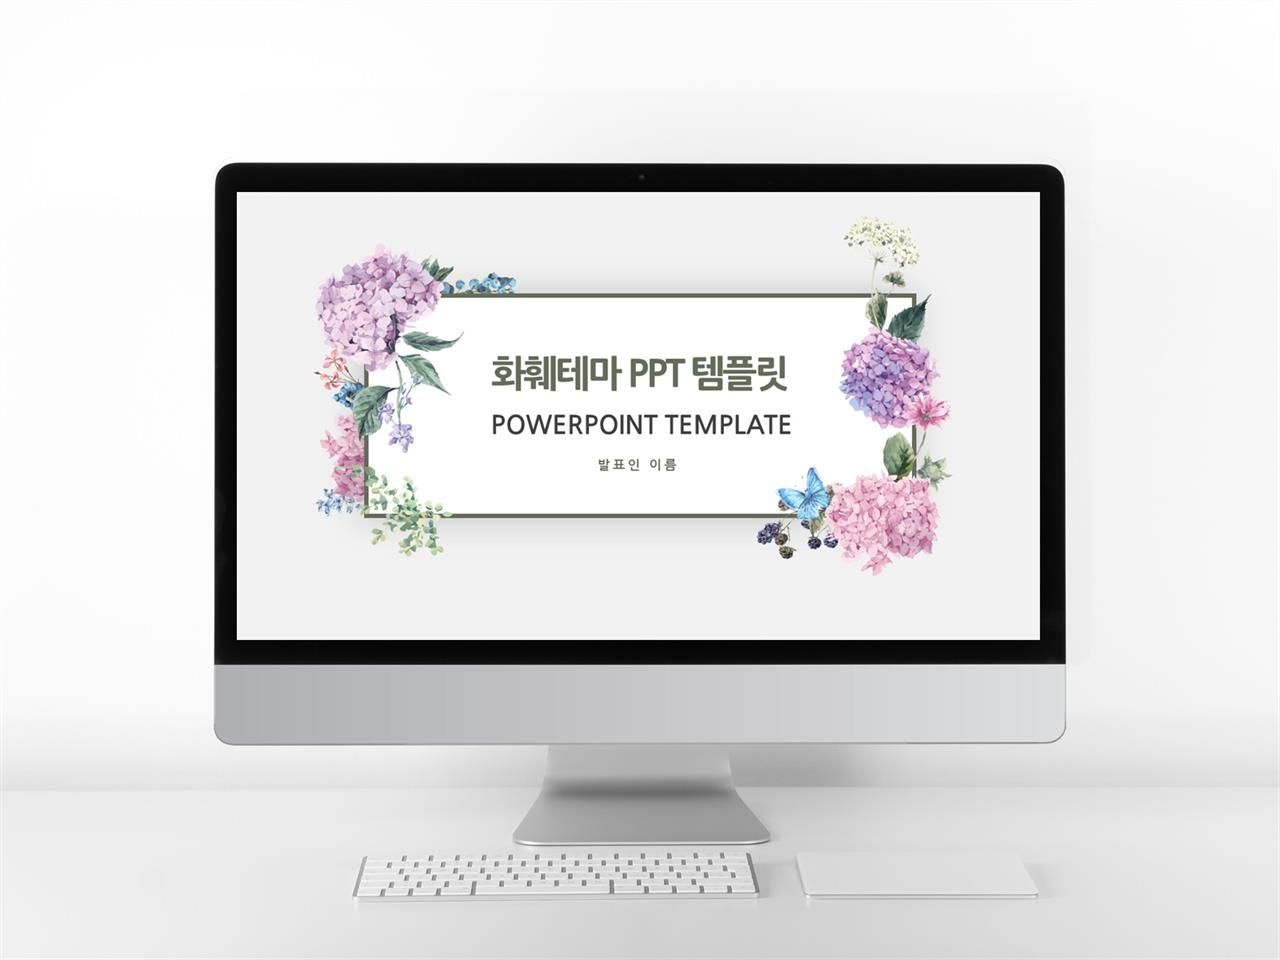 화초주제 자주색 아담한 고급형 피피티탬플릿 디자인 미리보기